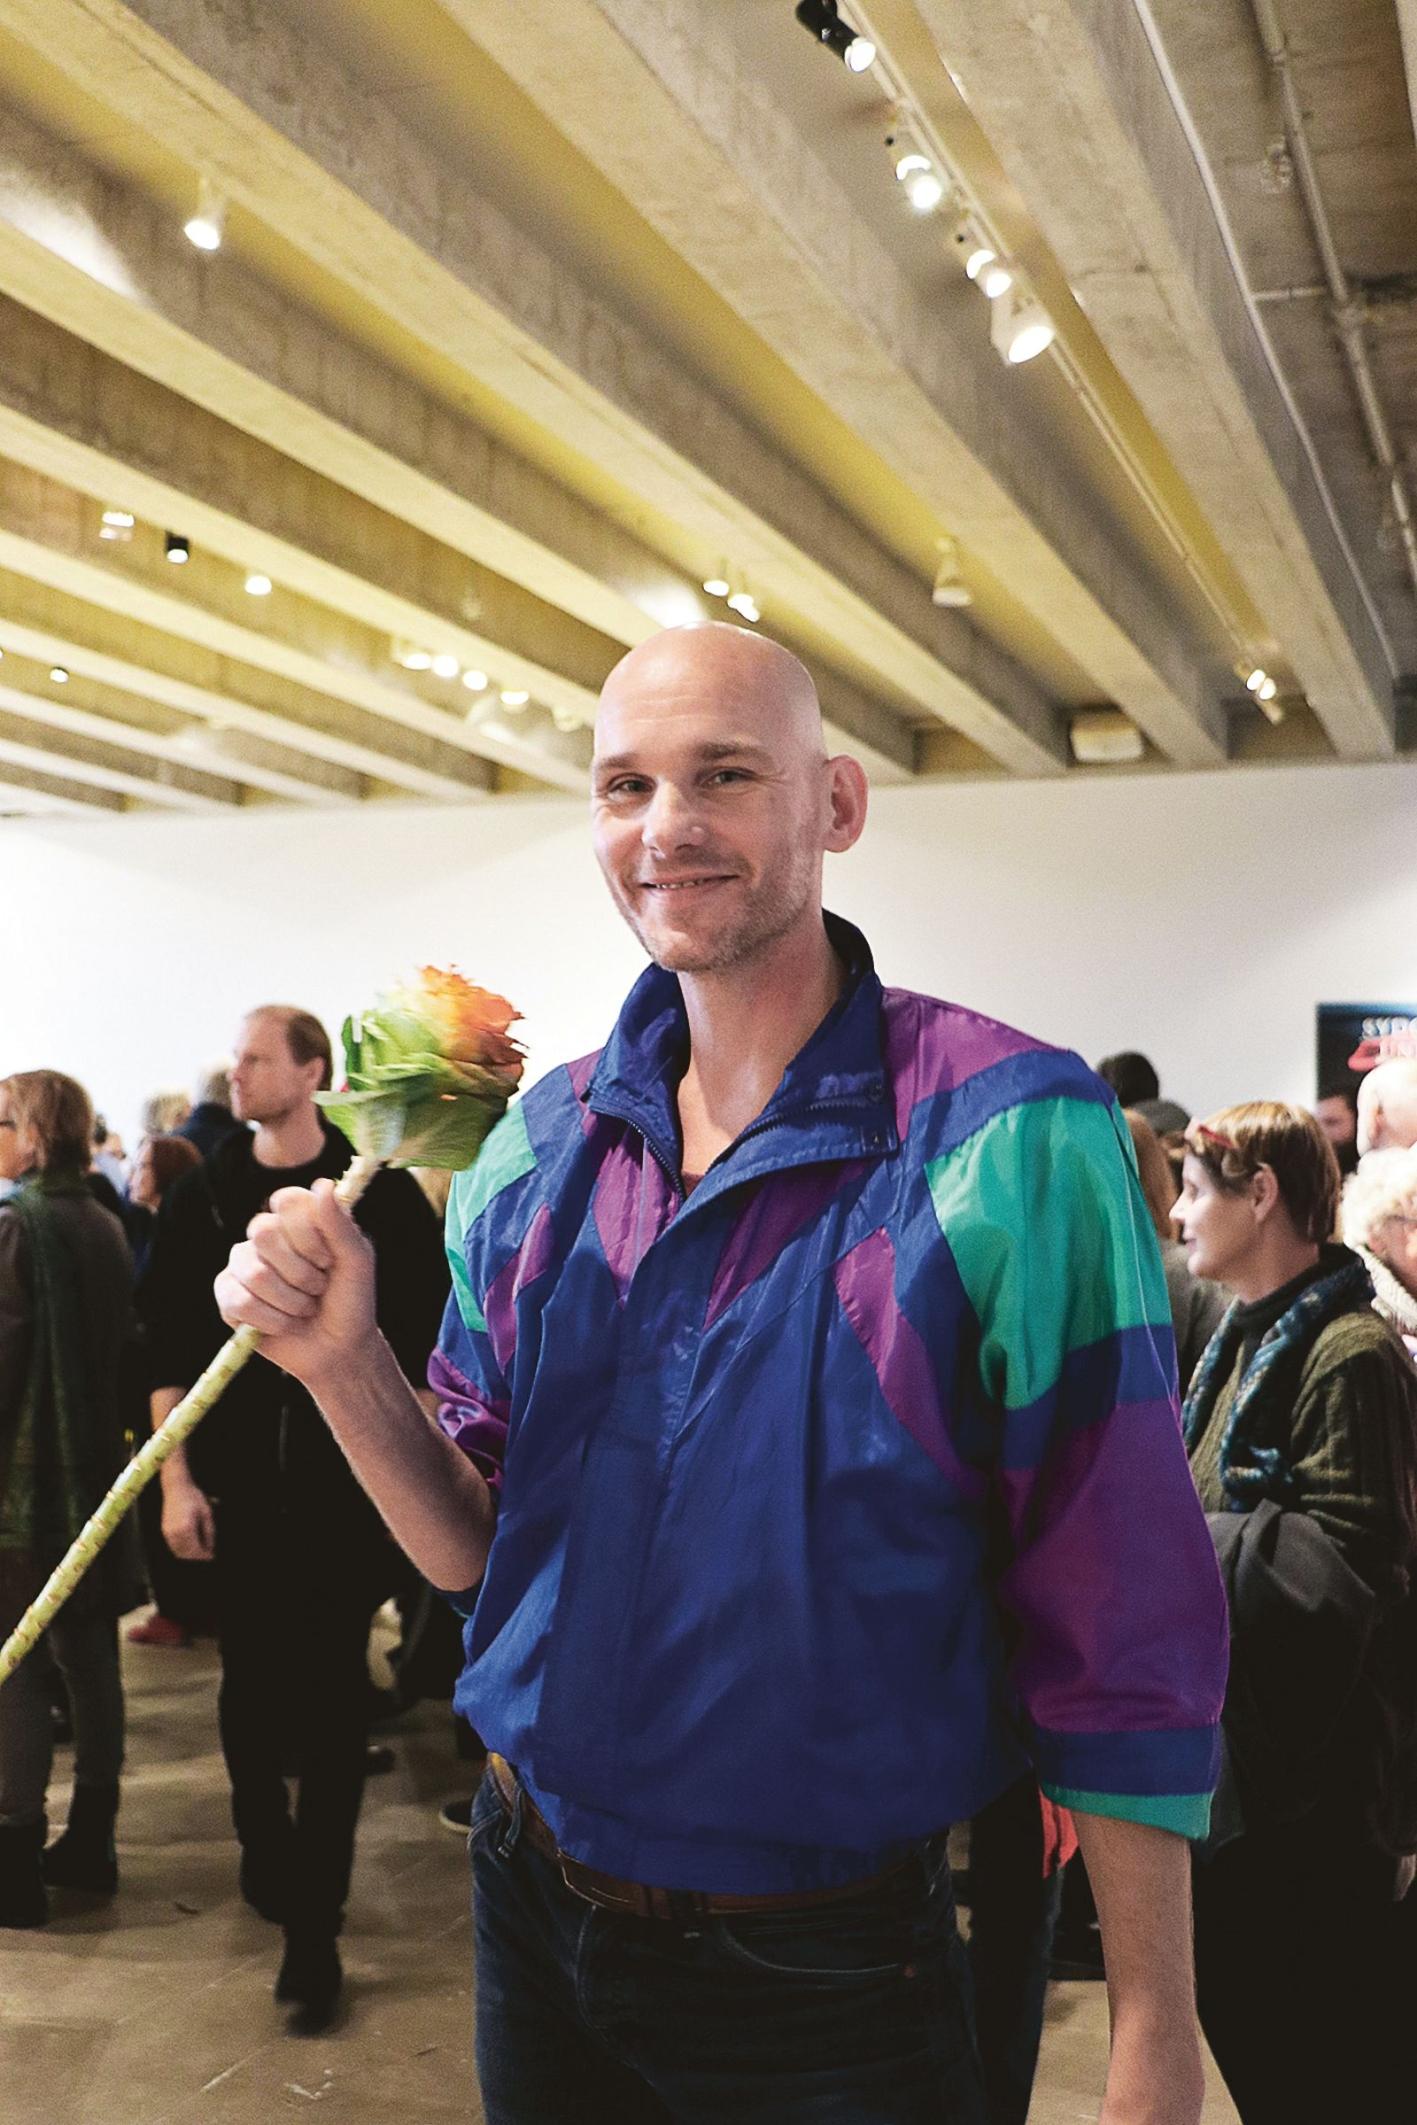 Konstnär och glasartist Markus Emilsson var inbjuden av konstmuseet för att som co-curator sätta samman utställningen med verken som juryn valt ut.